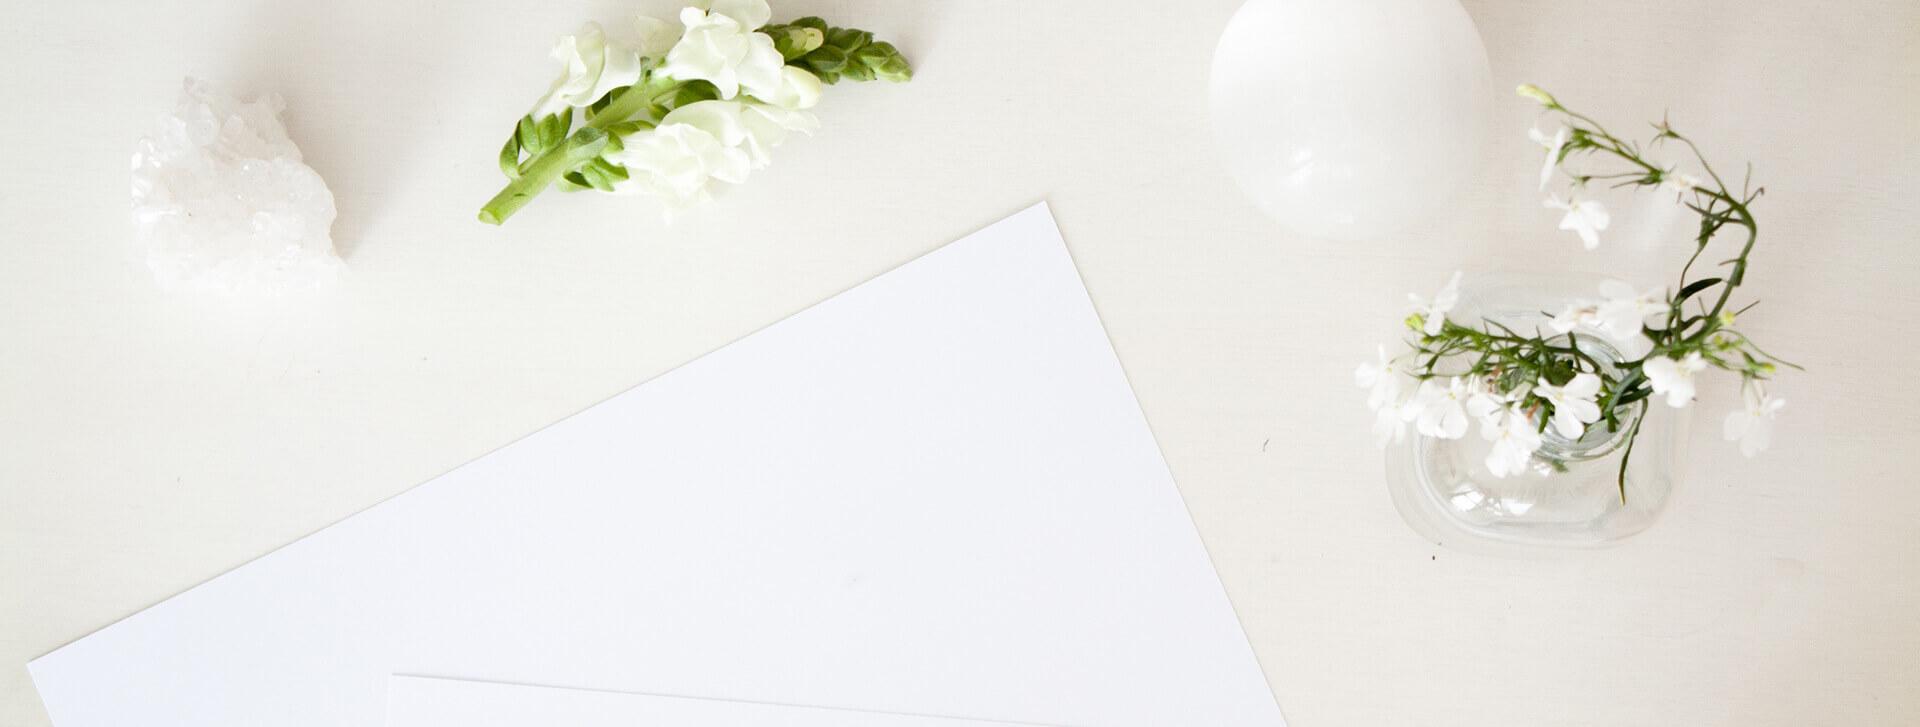 Weiß im Branding